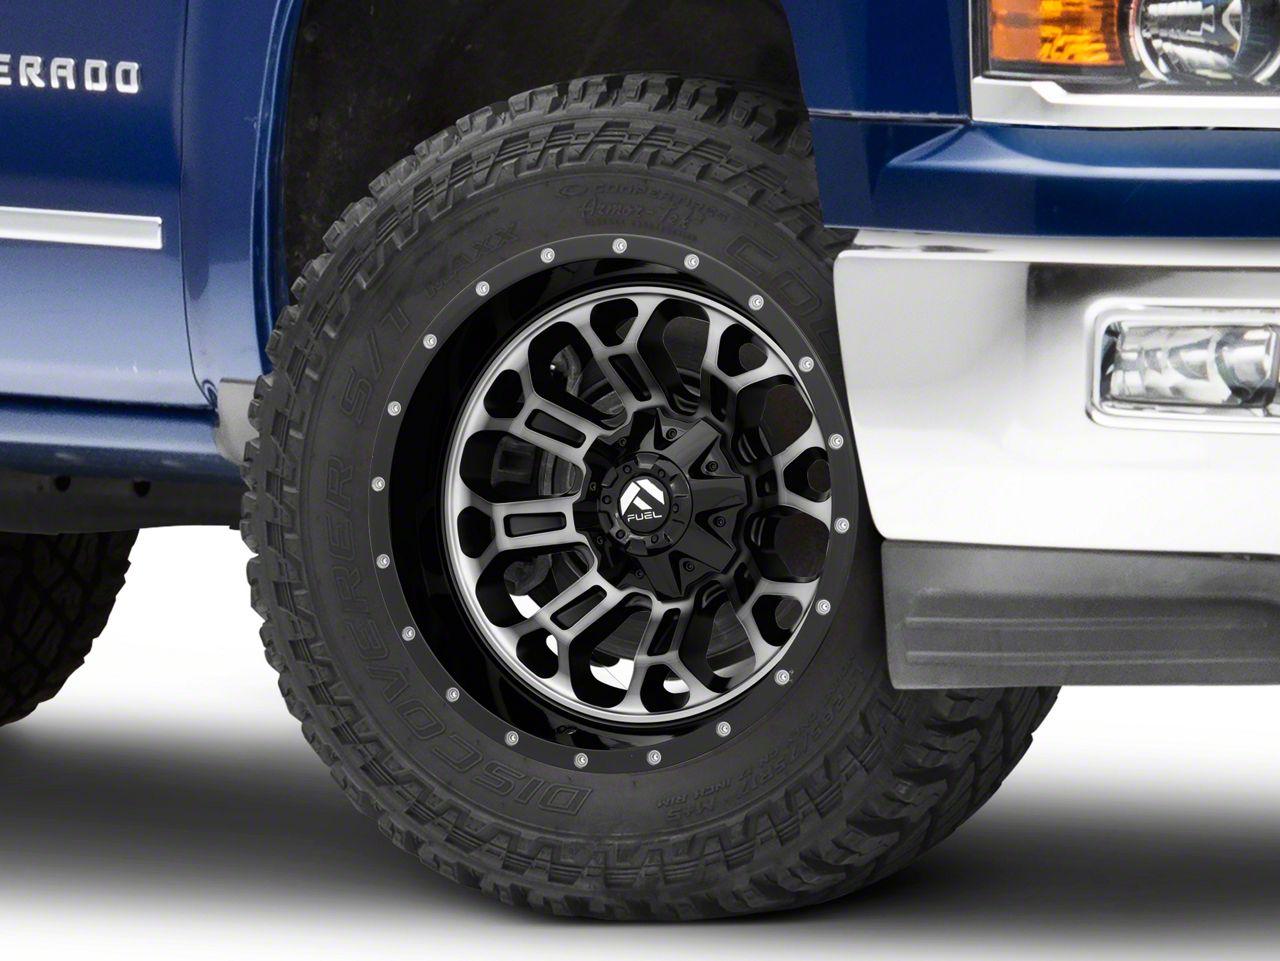 Fuel Wheels Crush Matte Black Machined 6-Lug Wheel - 20x10 (99-18 Silverado 1500)